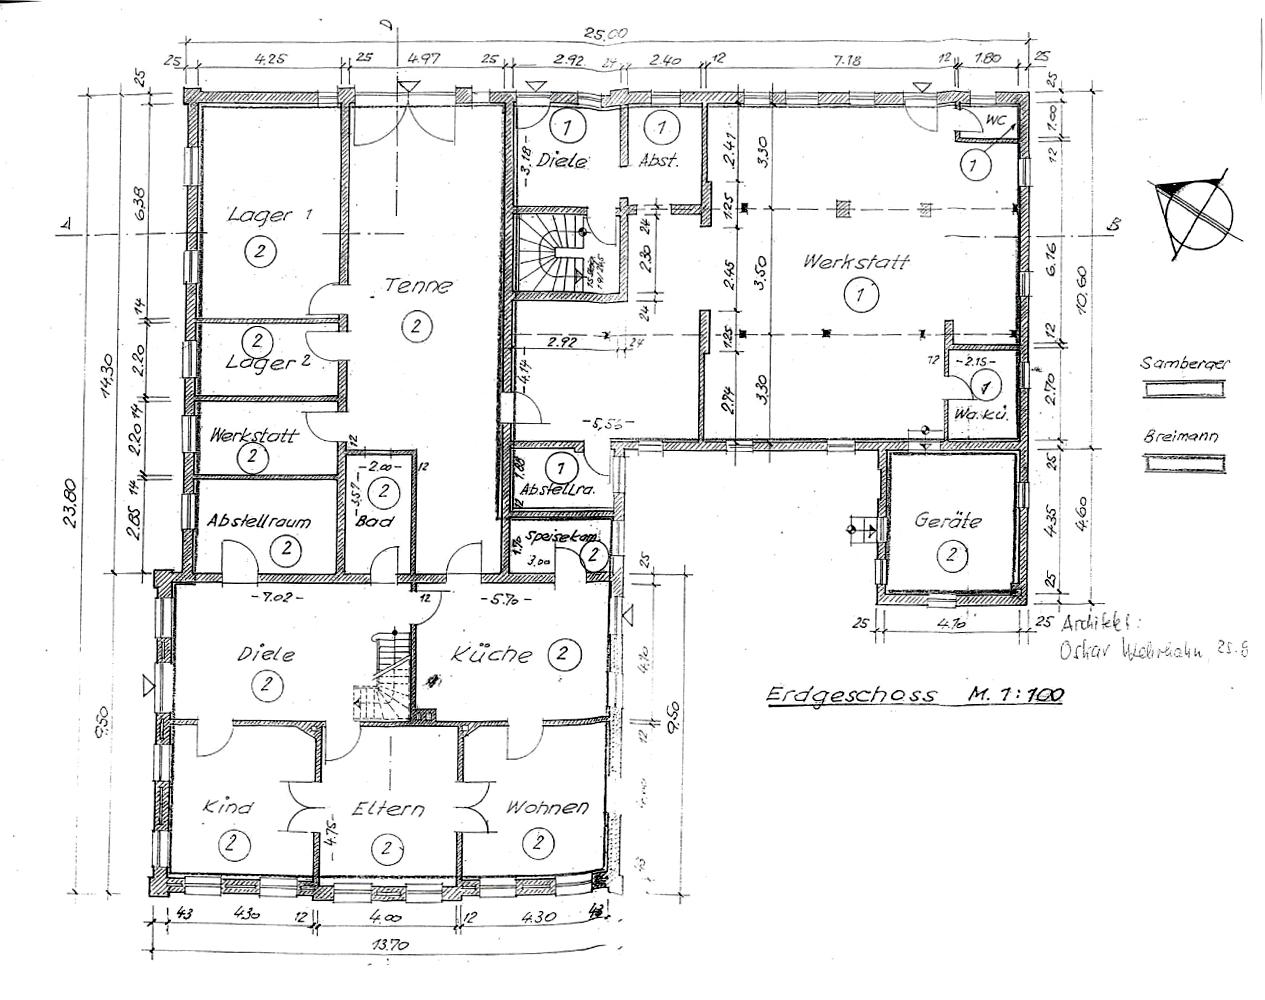 Oliver Schleiss Immobilien - Ihr Makler für Ihre Immobilie size: 1265 x 1000 post ID: 3 File size: 0 B